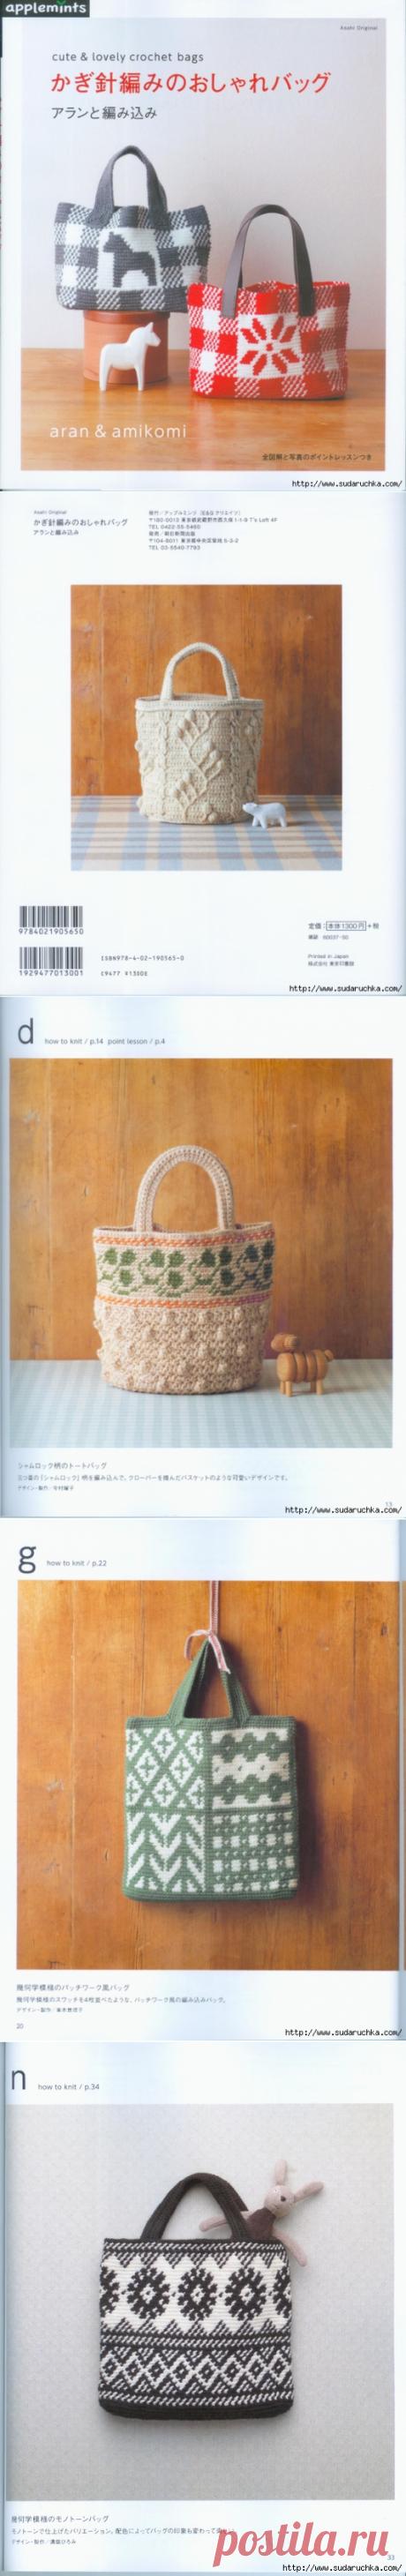 Asahi original. Журнал по вязанию.